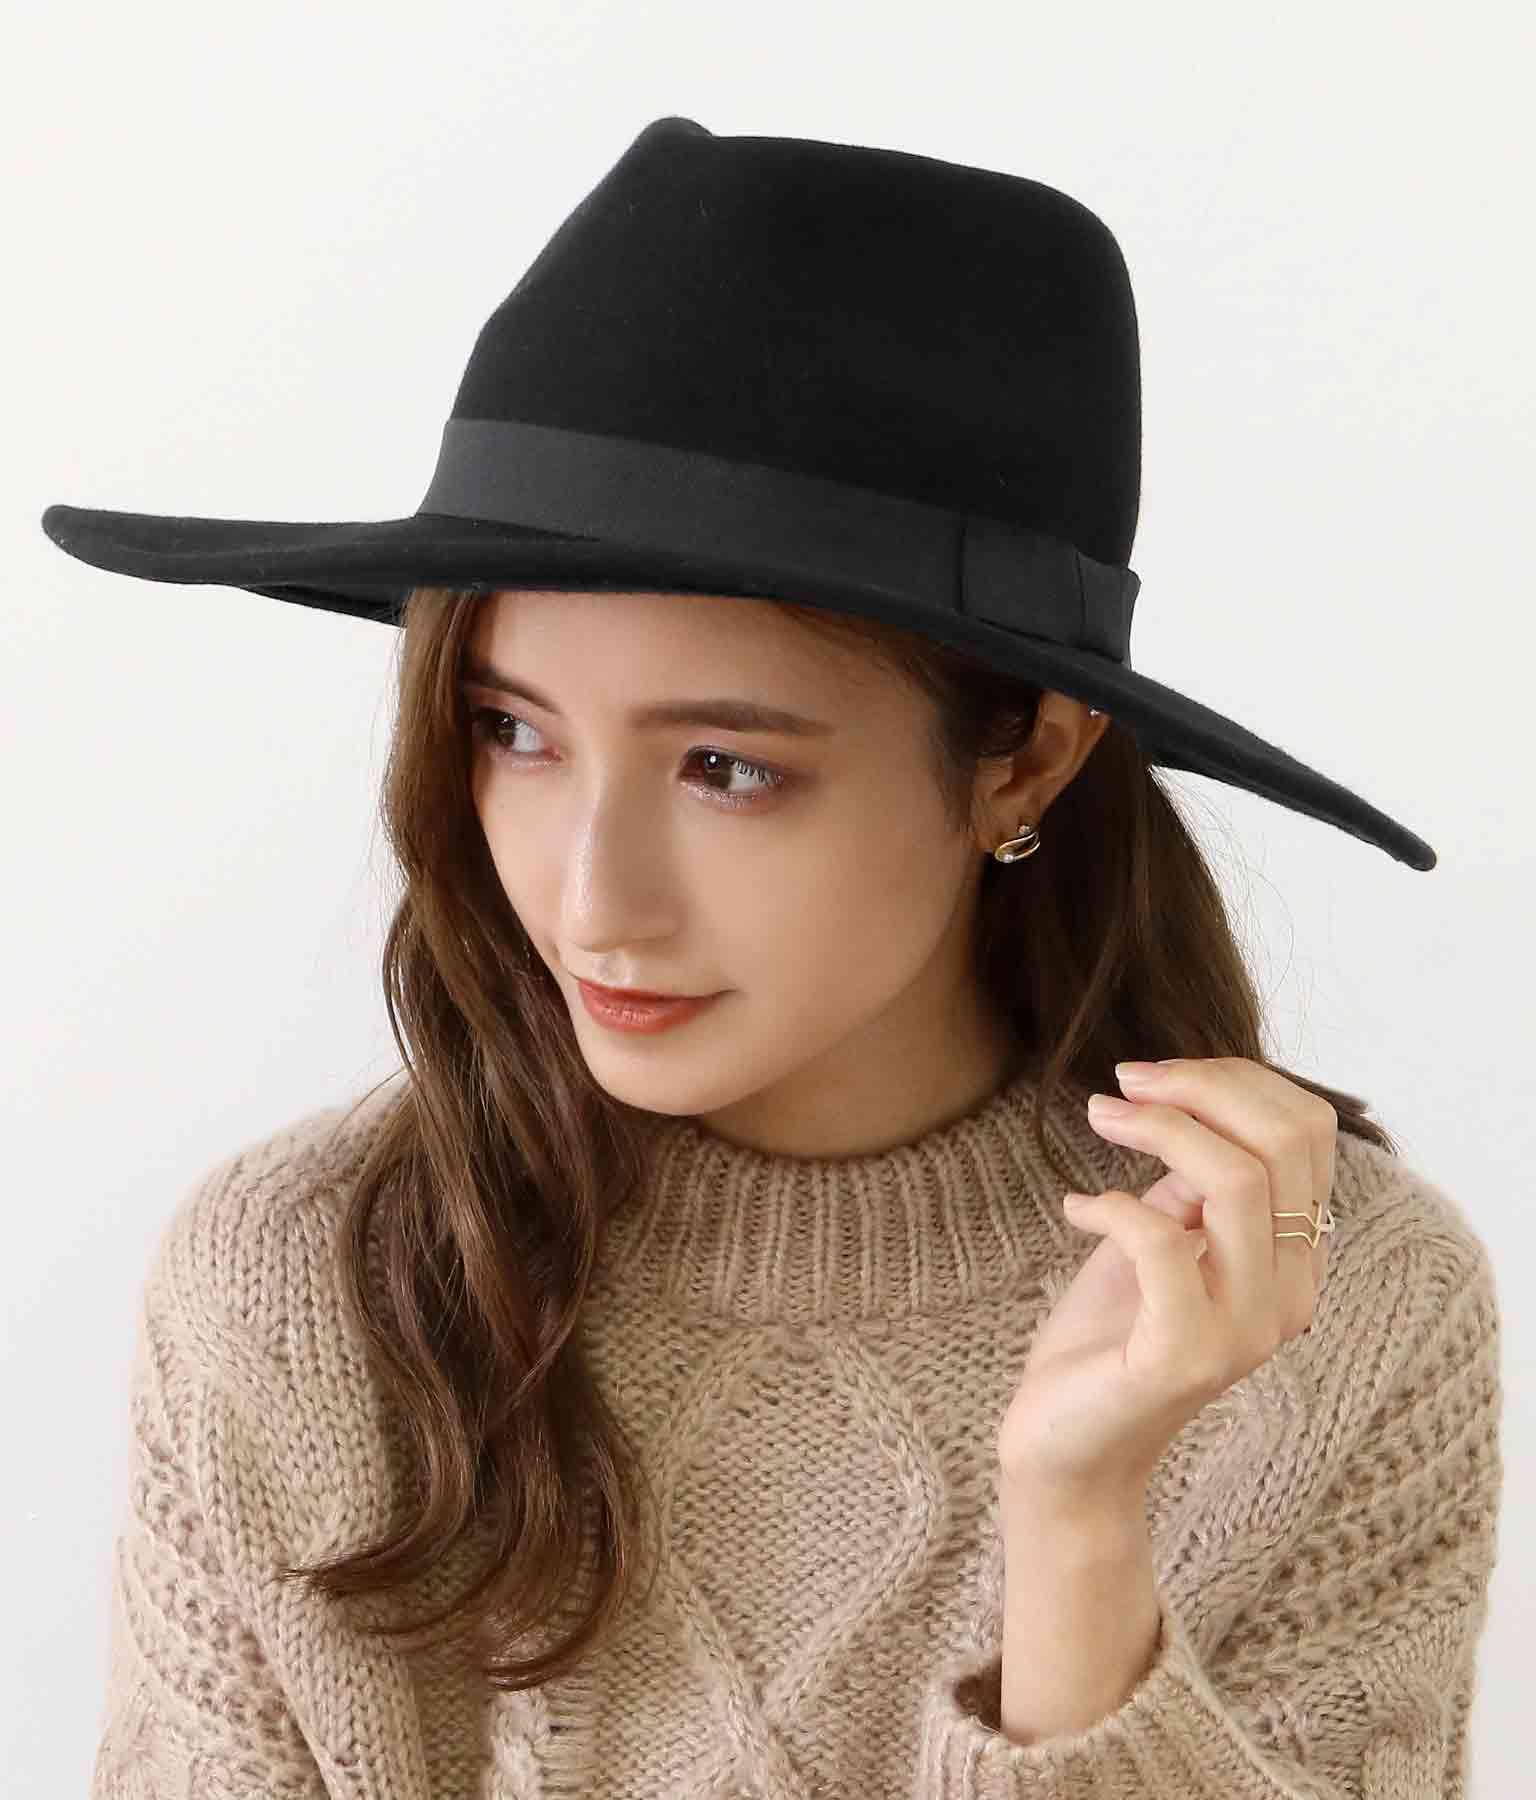 リボンデザインウールハット(ファッション雑貨/ハット・キャップ・ニット帽 ・キャスケット・ベレー帽) | CHILLE